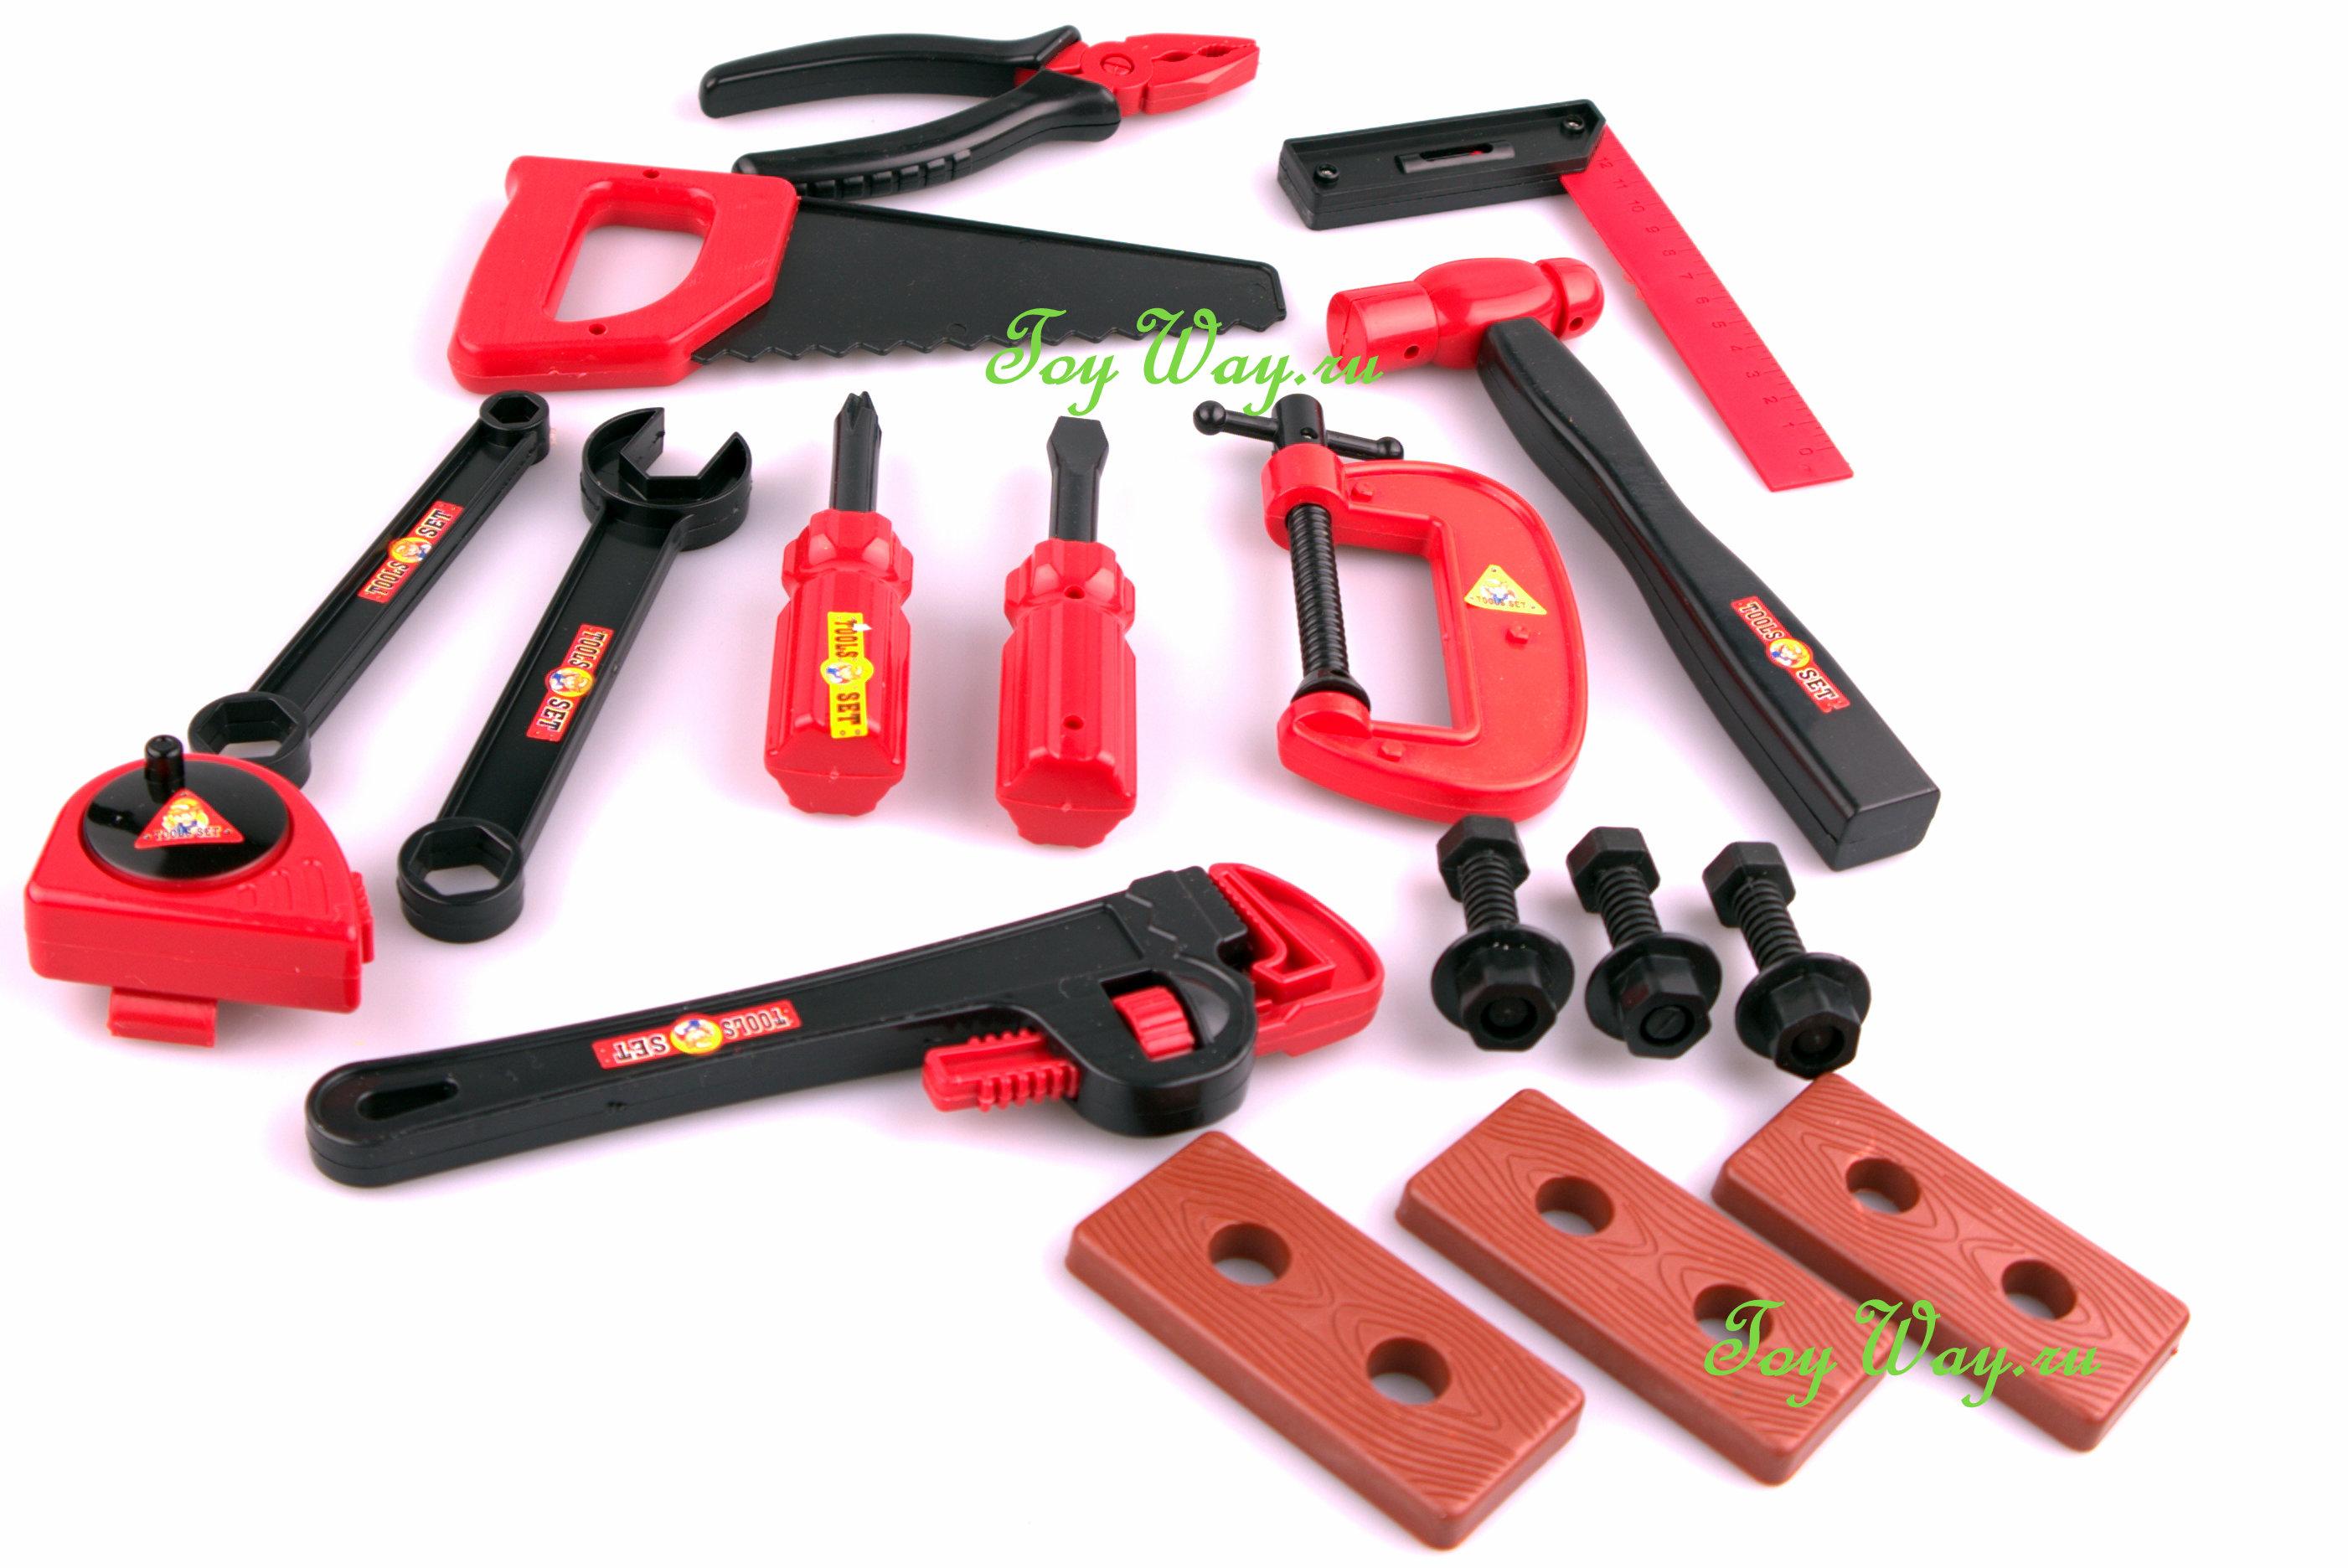 Игровой набор инструментов, 15 предметовДетские мастерские, инструменты<br>Игровой набор инструментов, 15 предметов<br>